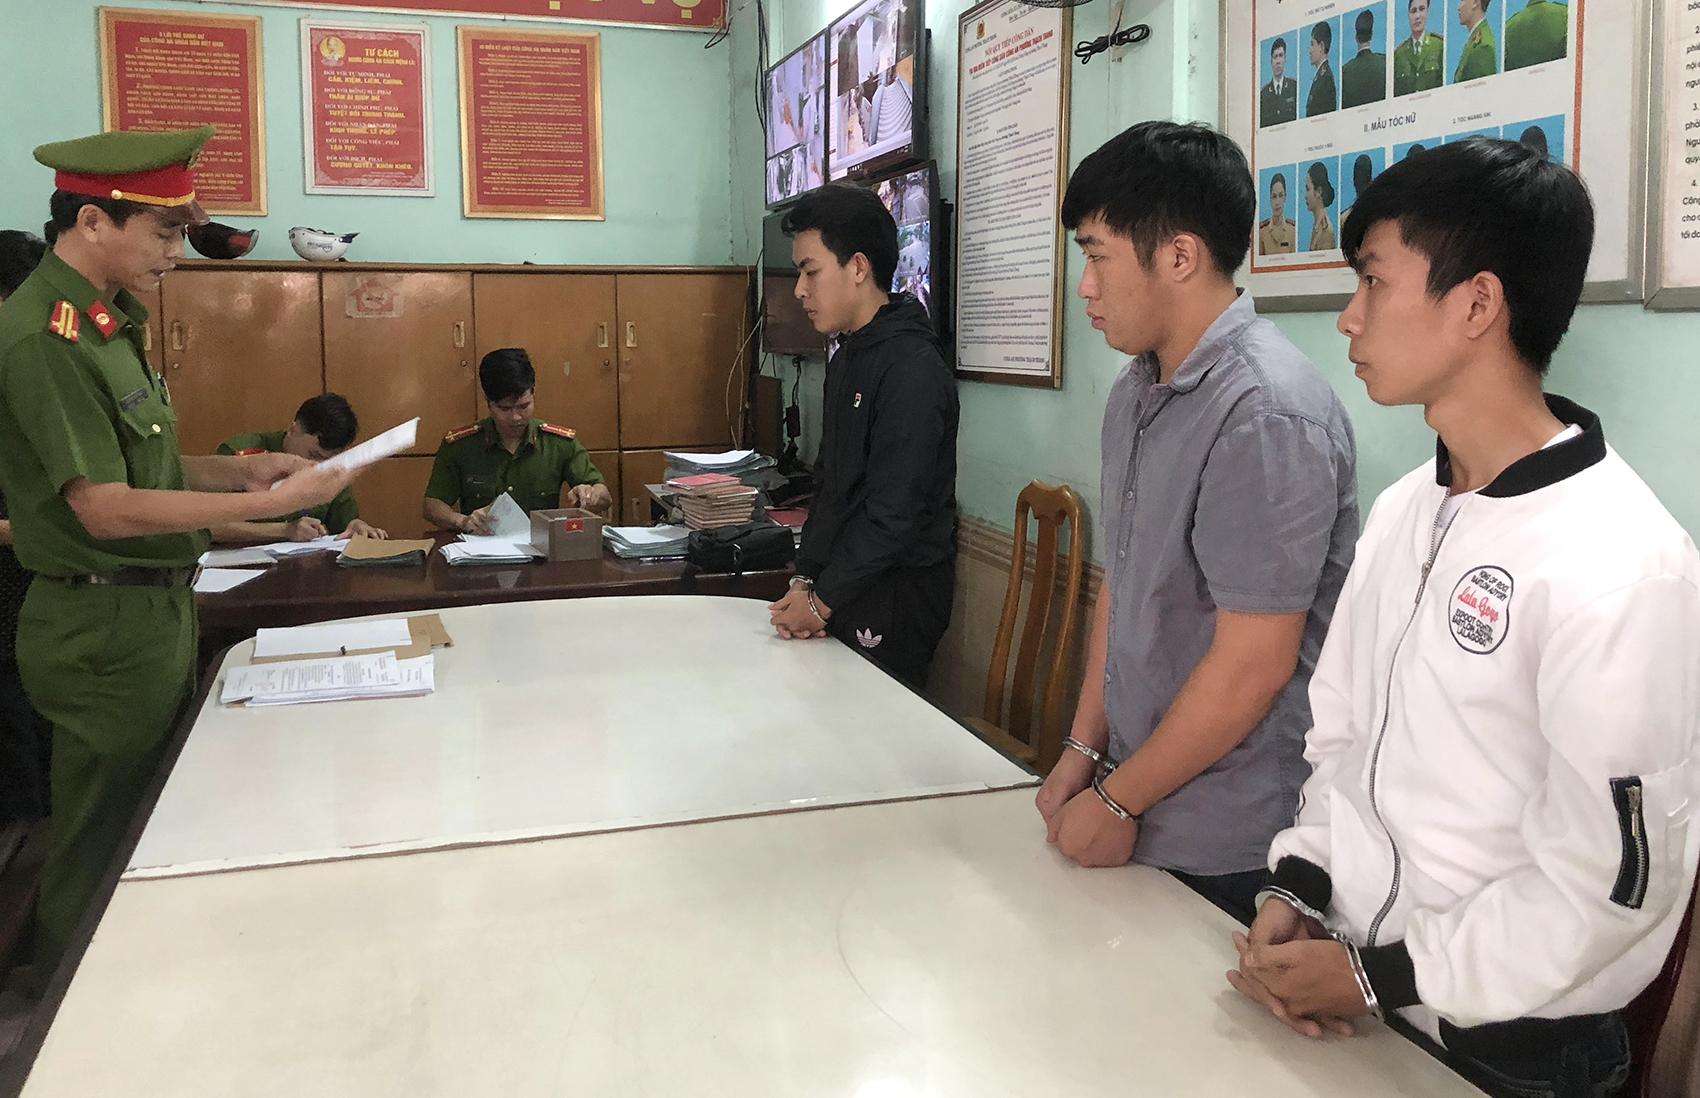 Ba sinh viên ở Đà Nẵng 'bỏ túi' tiền tỷ bằng thủ thuật đơn giản vẫn lừa đảo được hơn 300 người - Ảnh 1